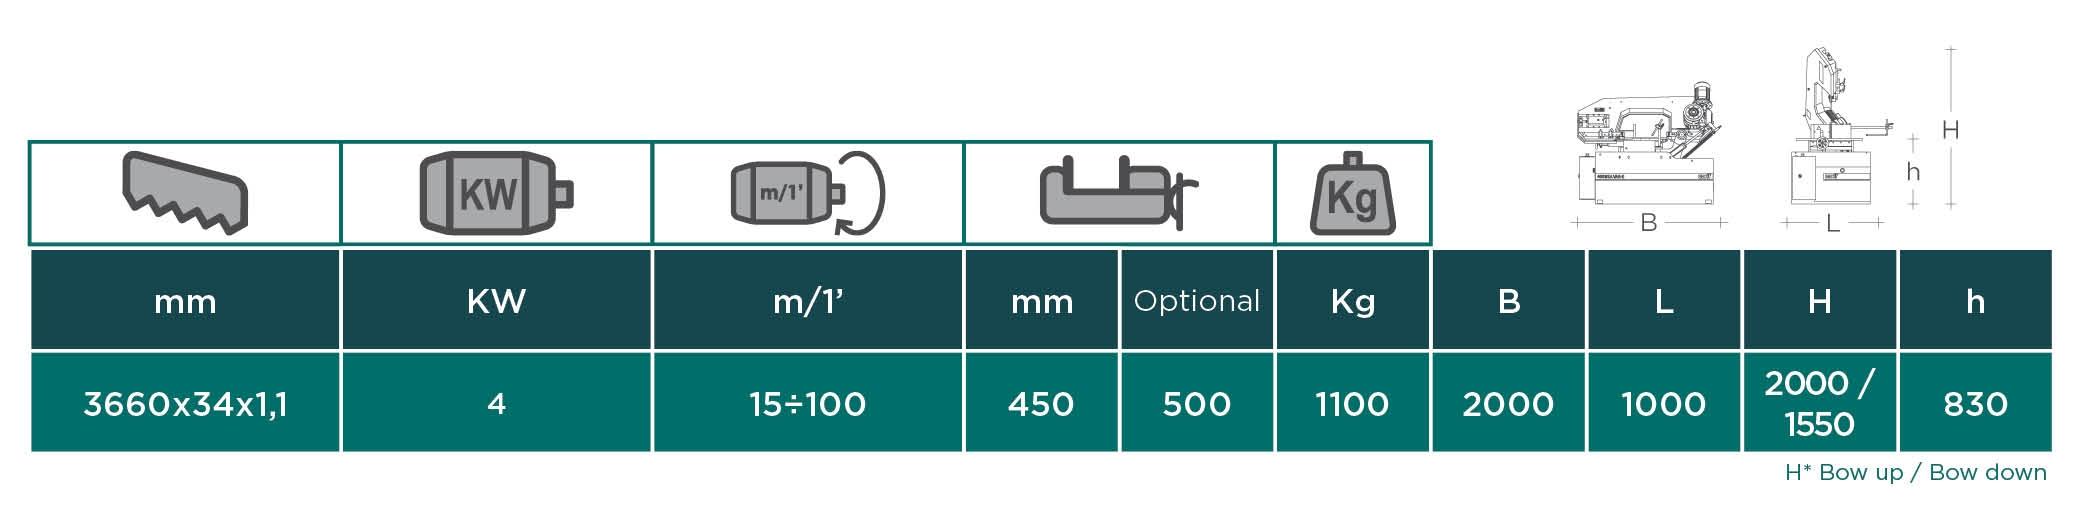 Carif bandsaegen halb automatische mit vollhydraulischen systemen 450 BSA VAR-E